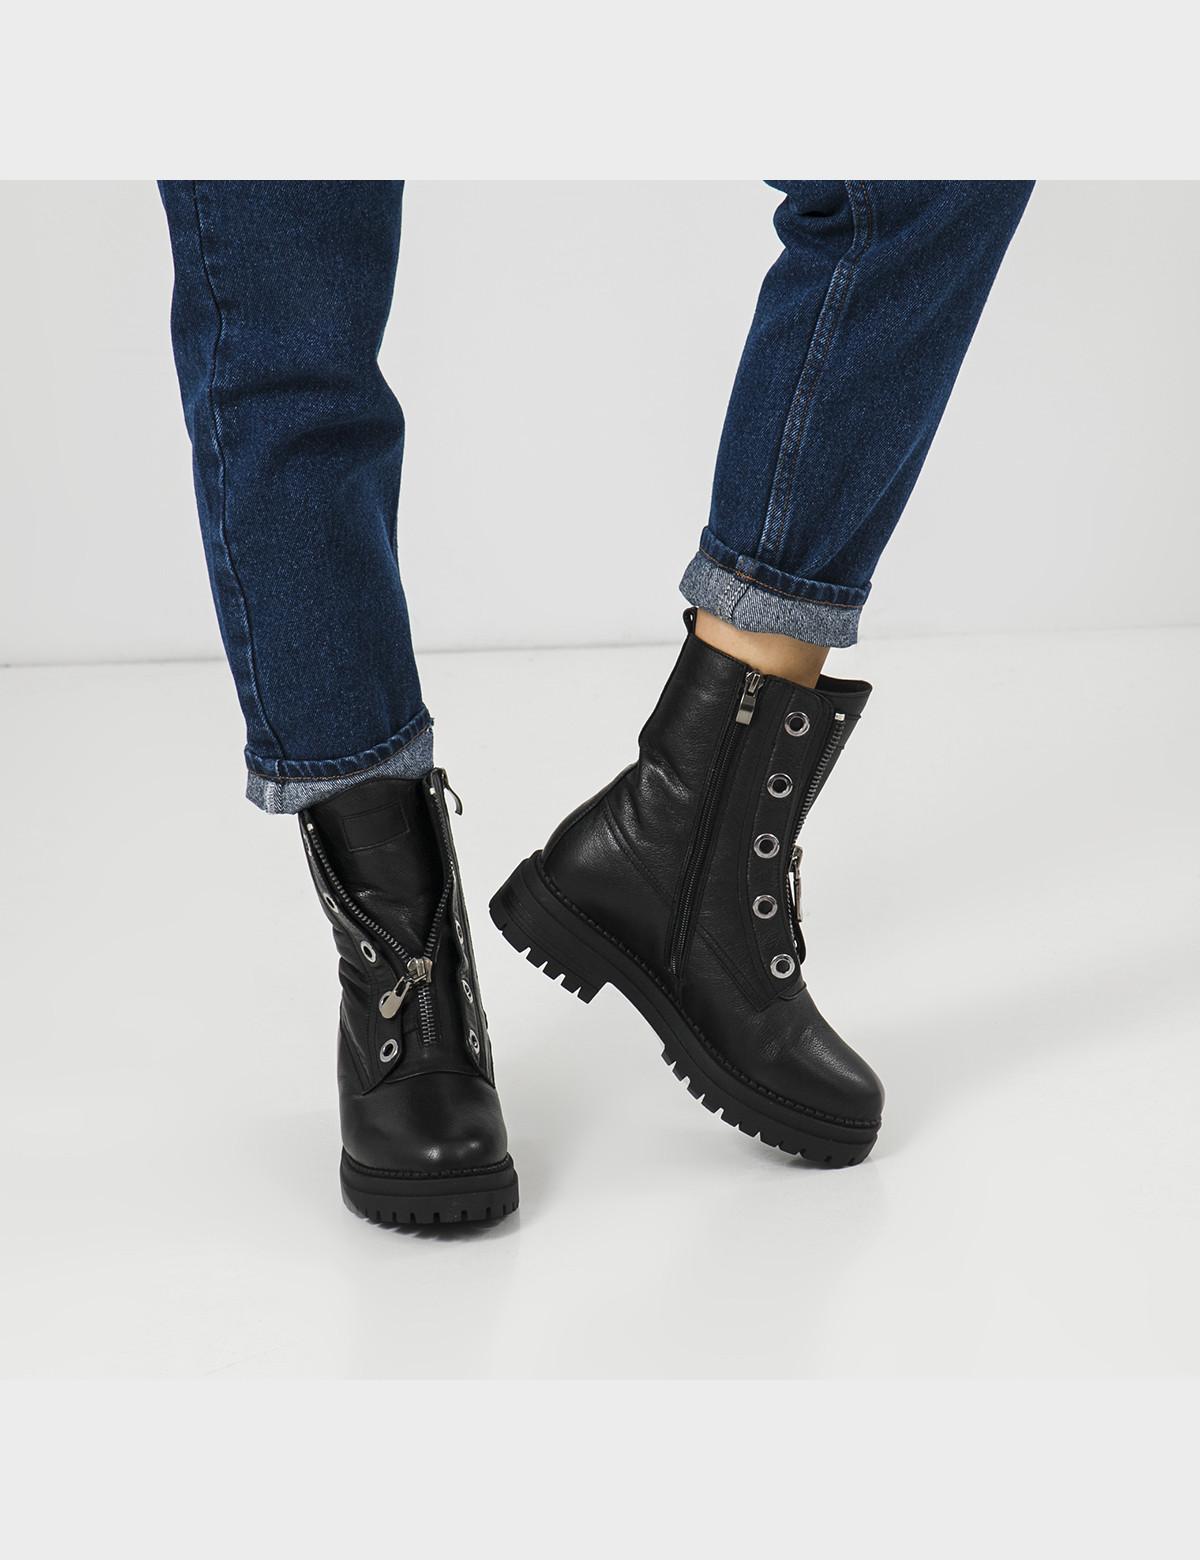 Ботинки черные, натуральная кожа. Шерсть6